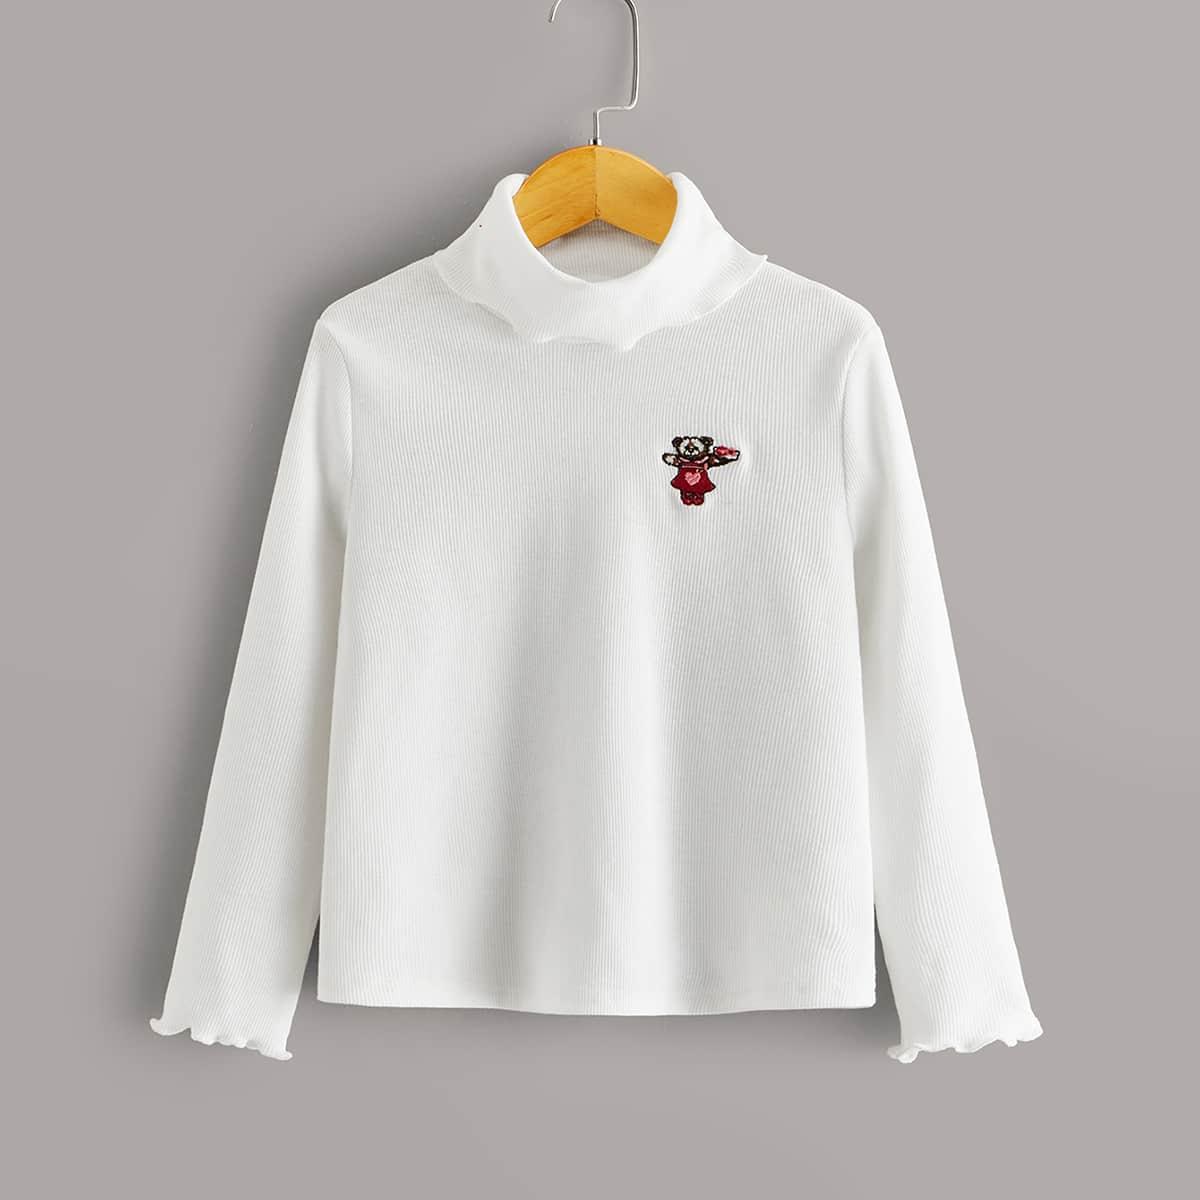 SHEIN / Mädchen Strick T-Shirt mit Karikatur Stickereien